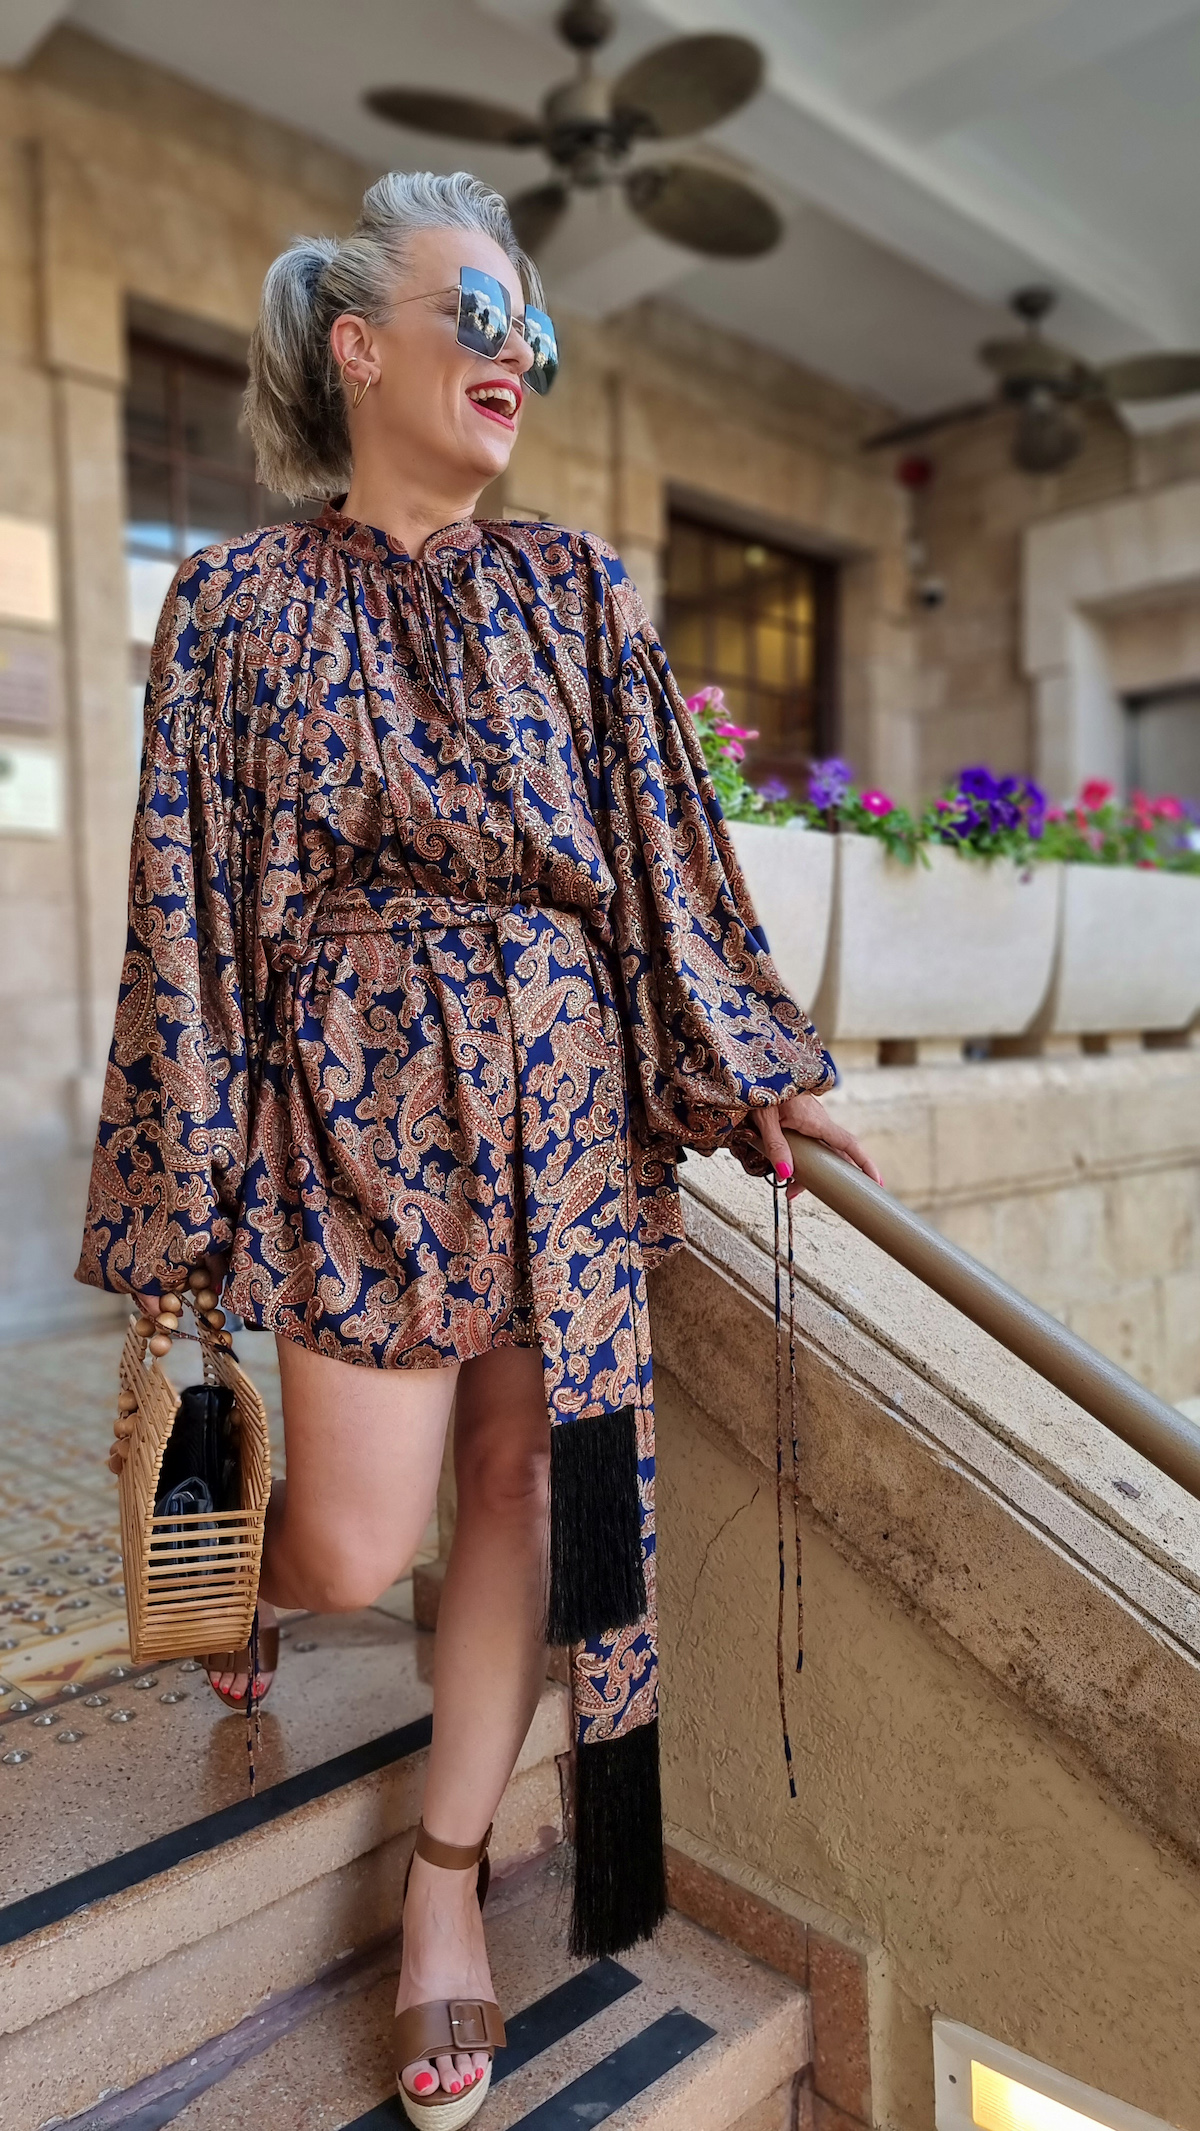 שירי ויצנר חיפאית לובשת אריאל טולדנו שמלת סולטנה עגילים רובי סטאר אתר מארק אופנה ישראלית2